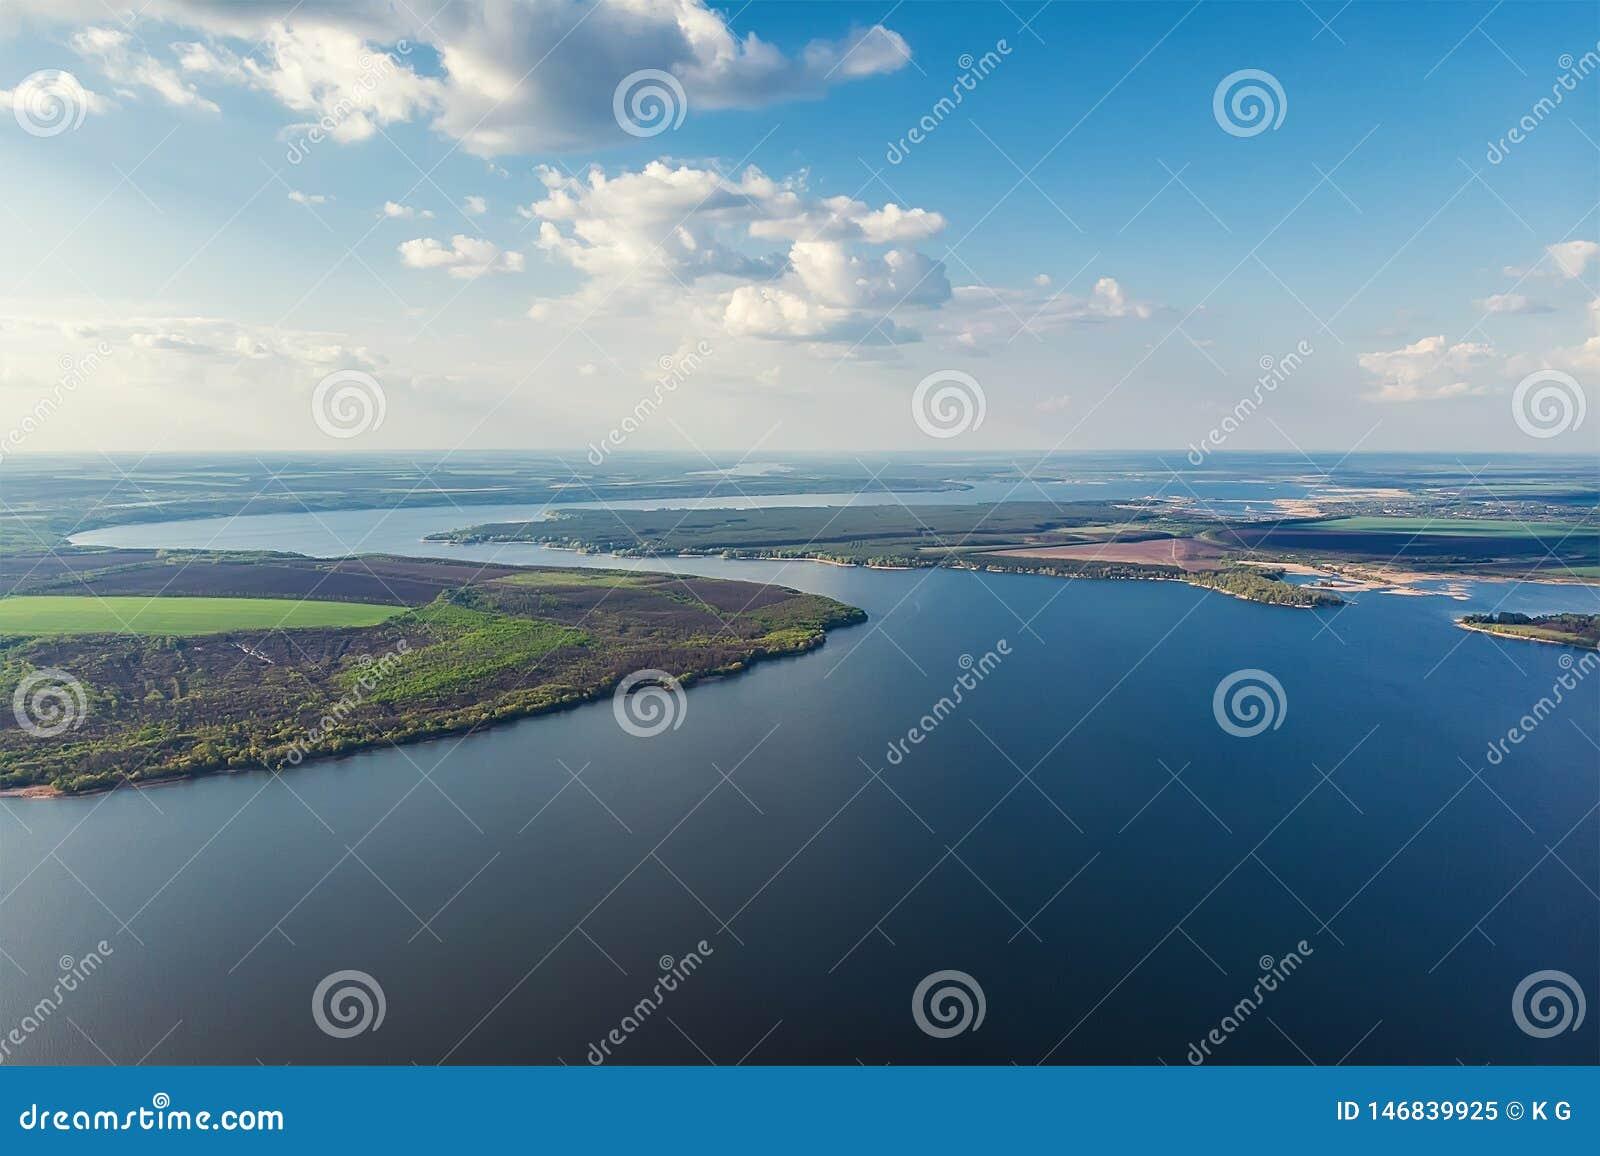 Szenische panoramische von der Luftlandschaft der Oskol-Flusskurve in Osteuropa mit grünem Wald an den Banken und am blauen bewöl